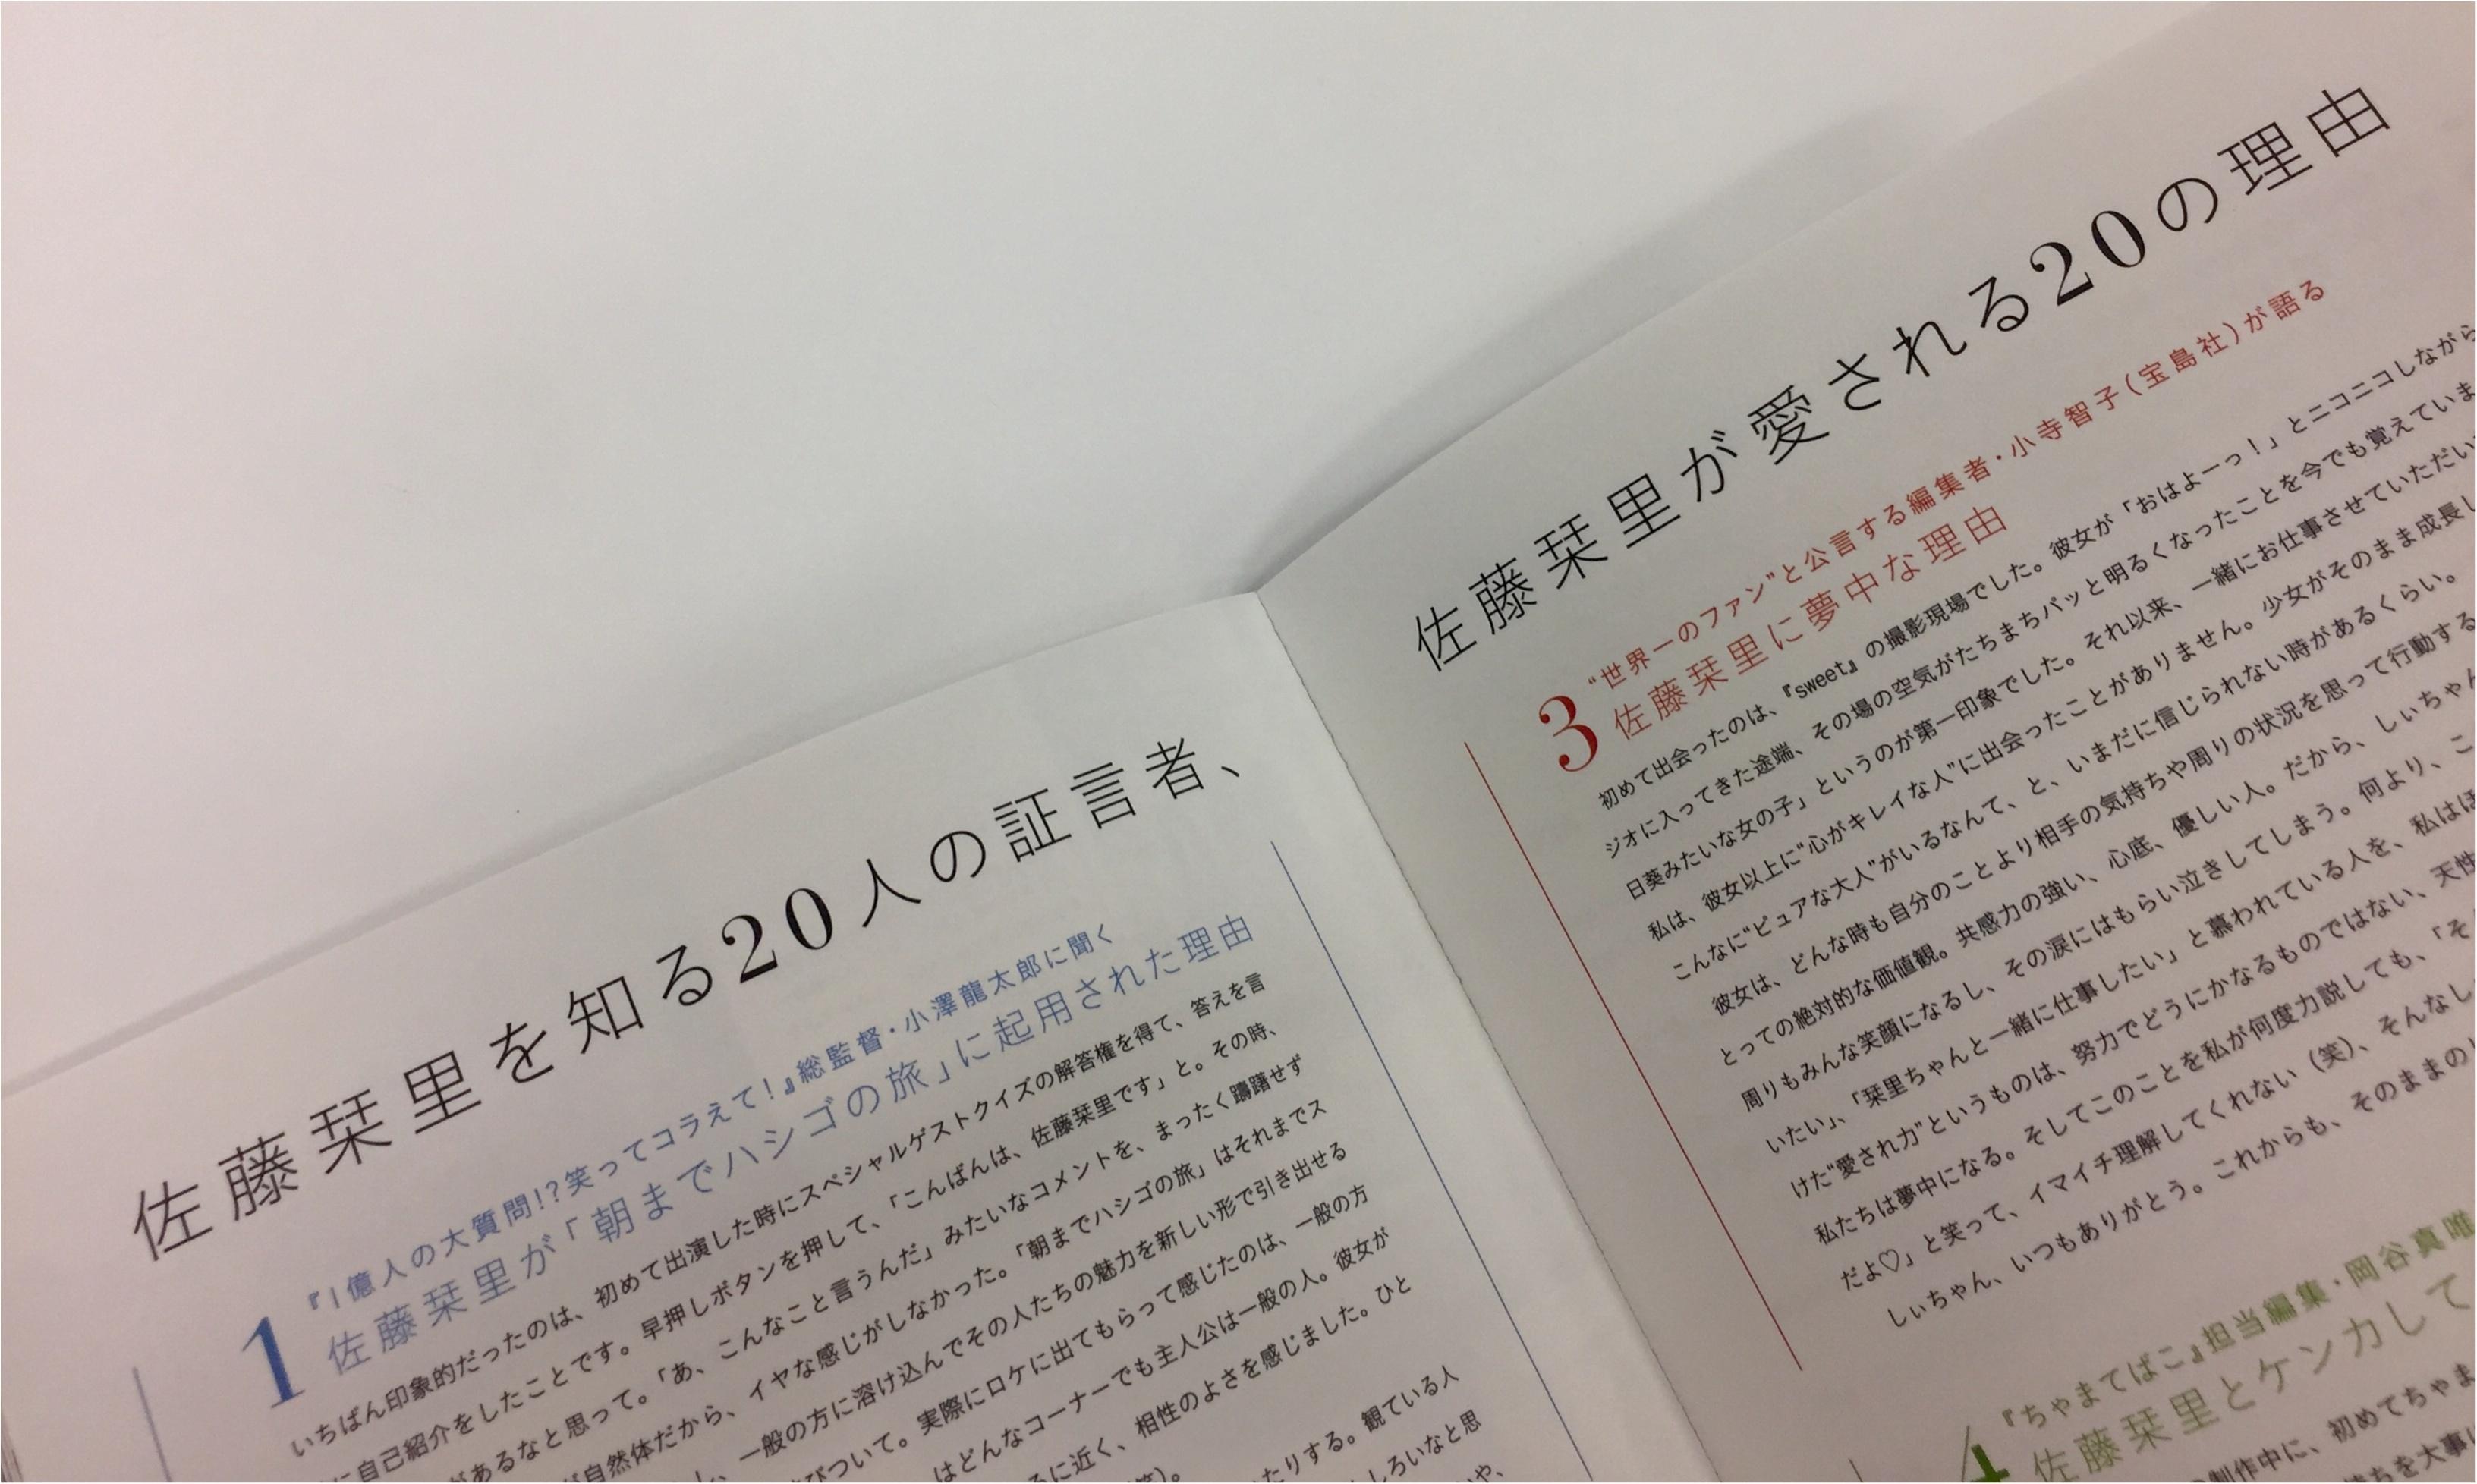 読めば笑顔に☆佐藤栞里 初のライフスタイルBOOK『ちゃまてばこ』、ついに発売です!_2